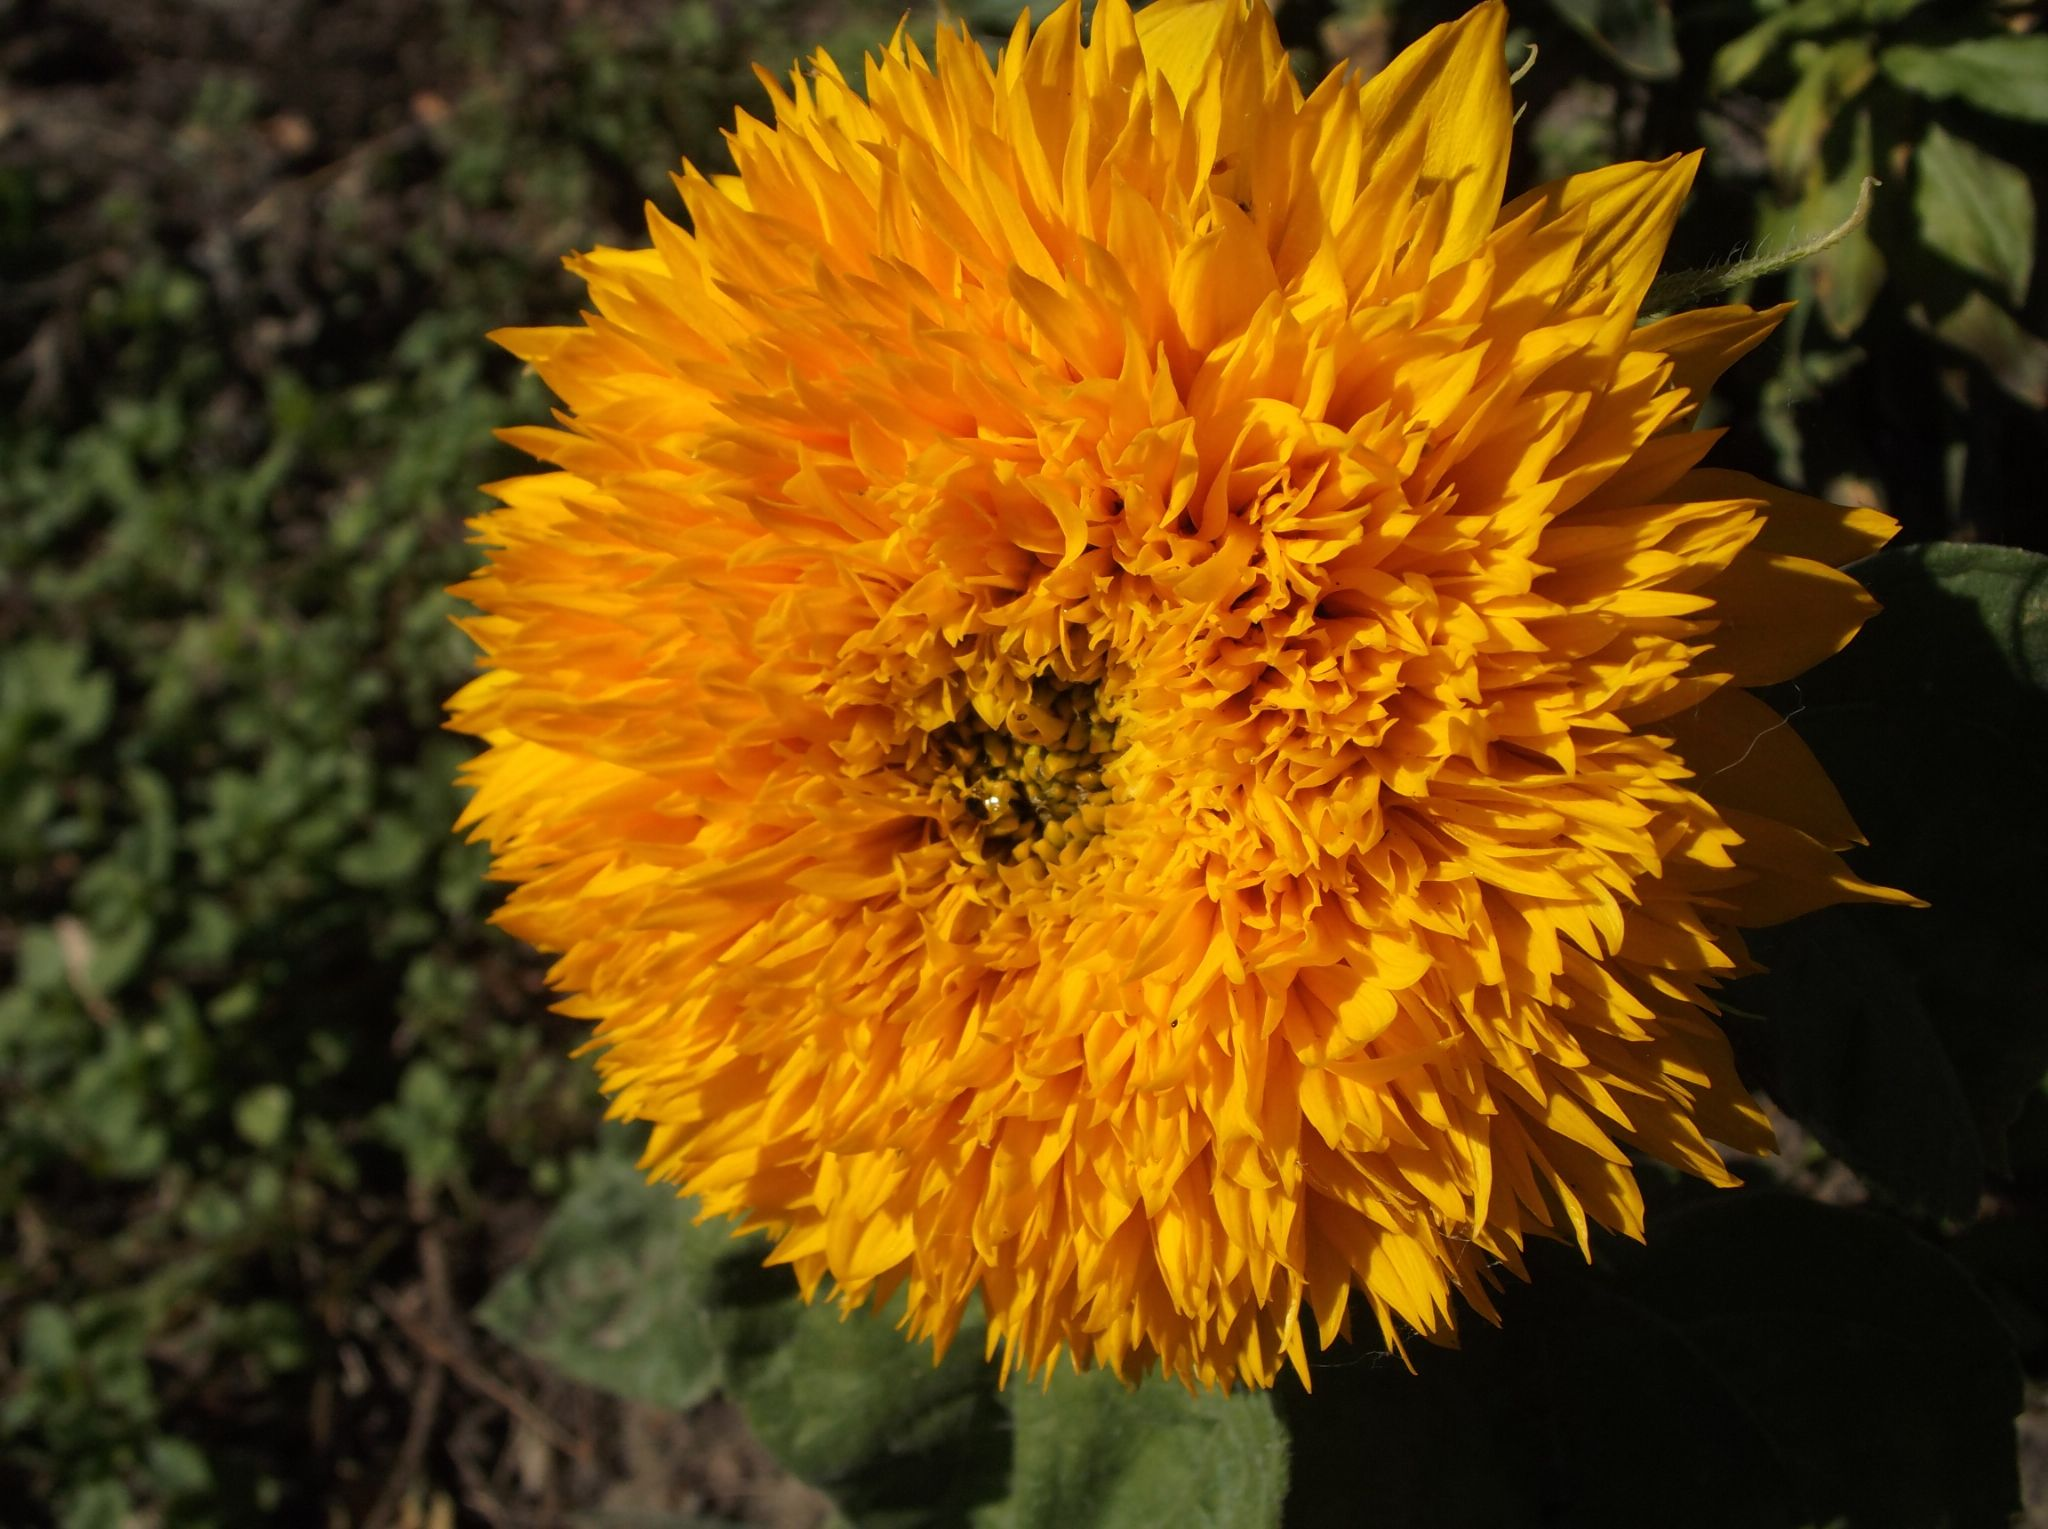 Sunflower by Zita Užkuraitienė